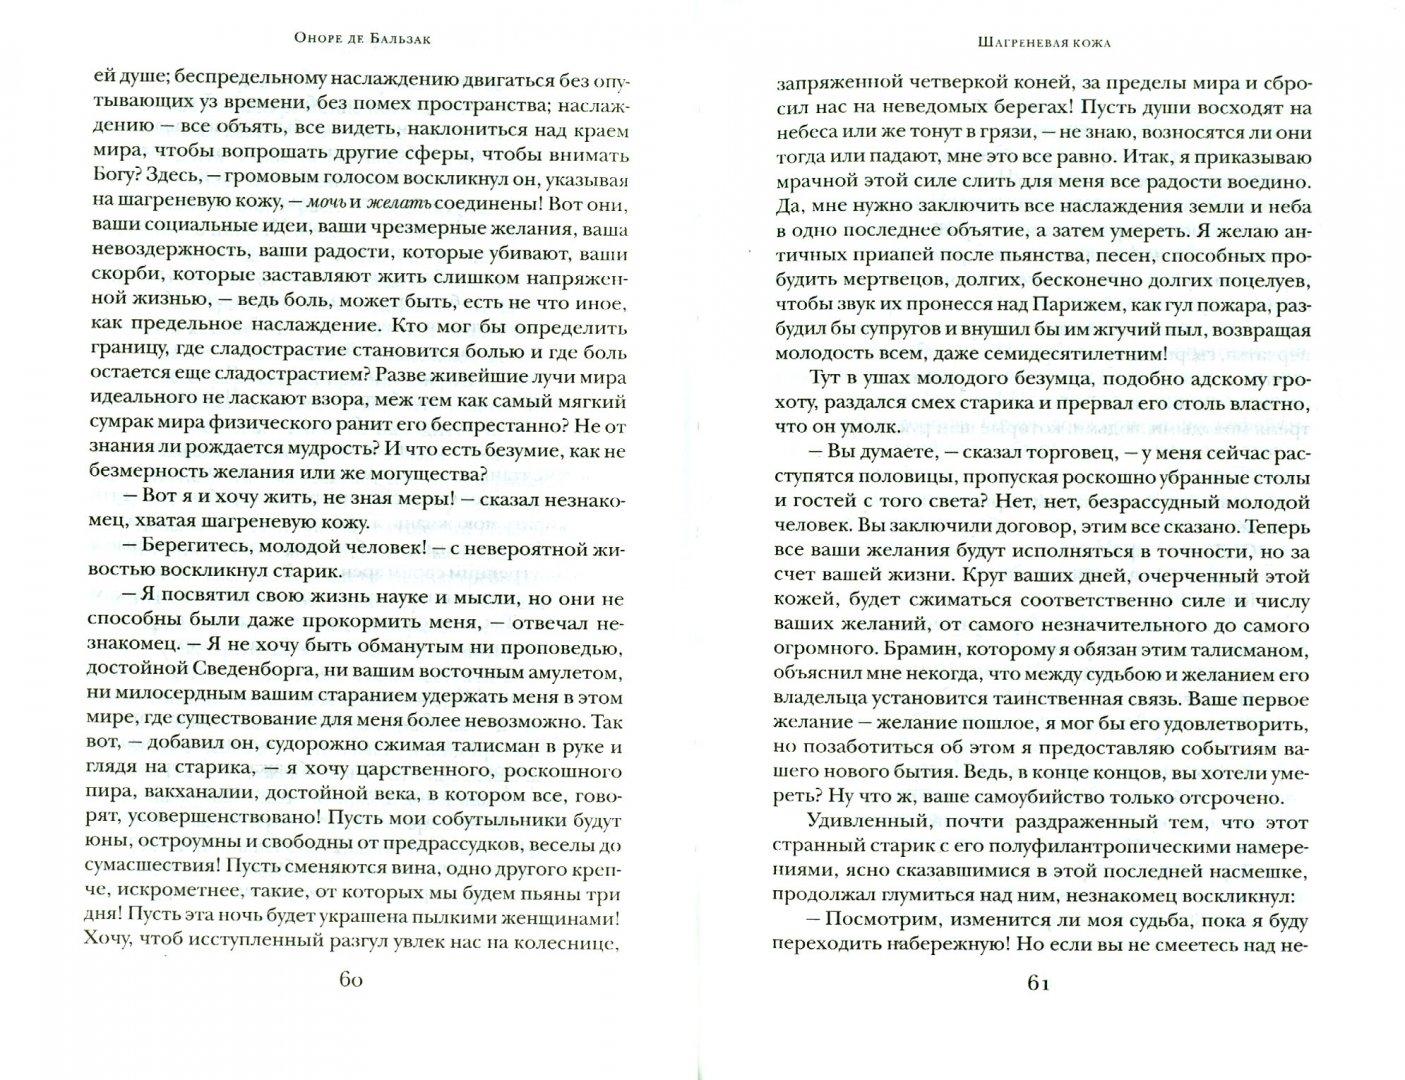 Иллюстрация 1 из 23 для Шагреневая кожа - Оноре Бальзак   Лабиринт - книги. Источник: Лабиринт